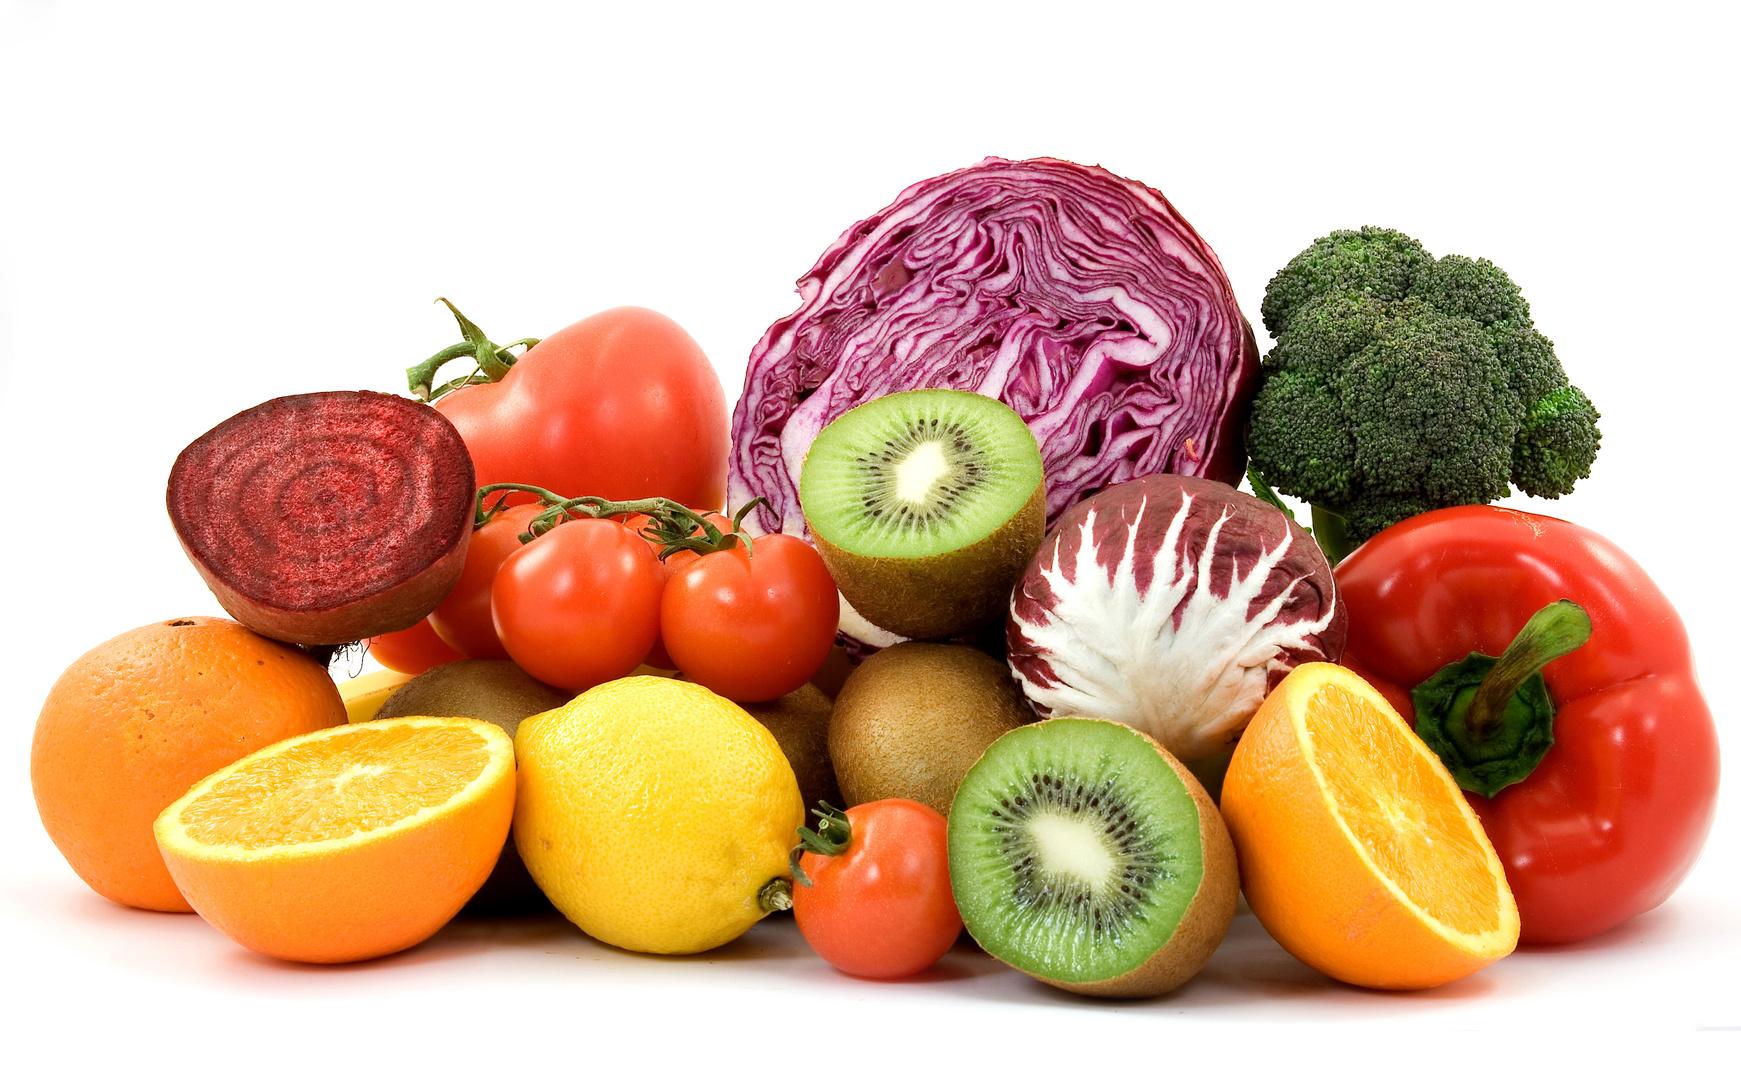 http://www.bonjourdefrance.com/exercices/contenu/parler-de-bonnes-habitudes-alimentaires.html